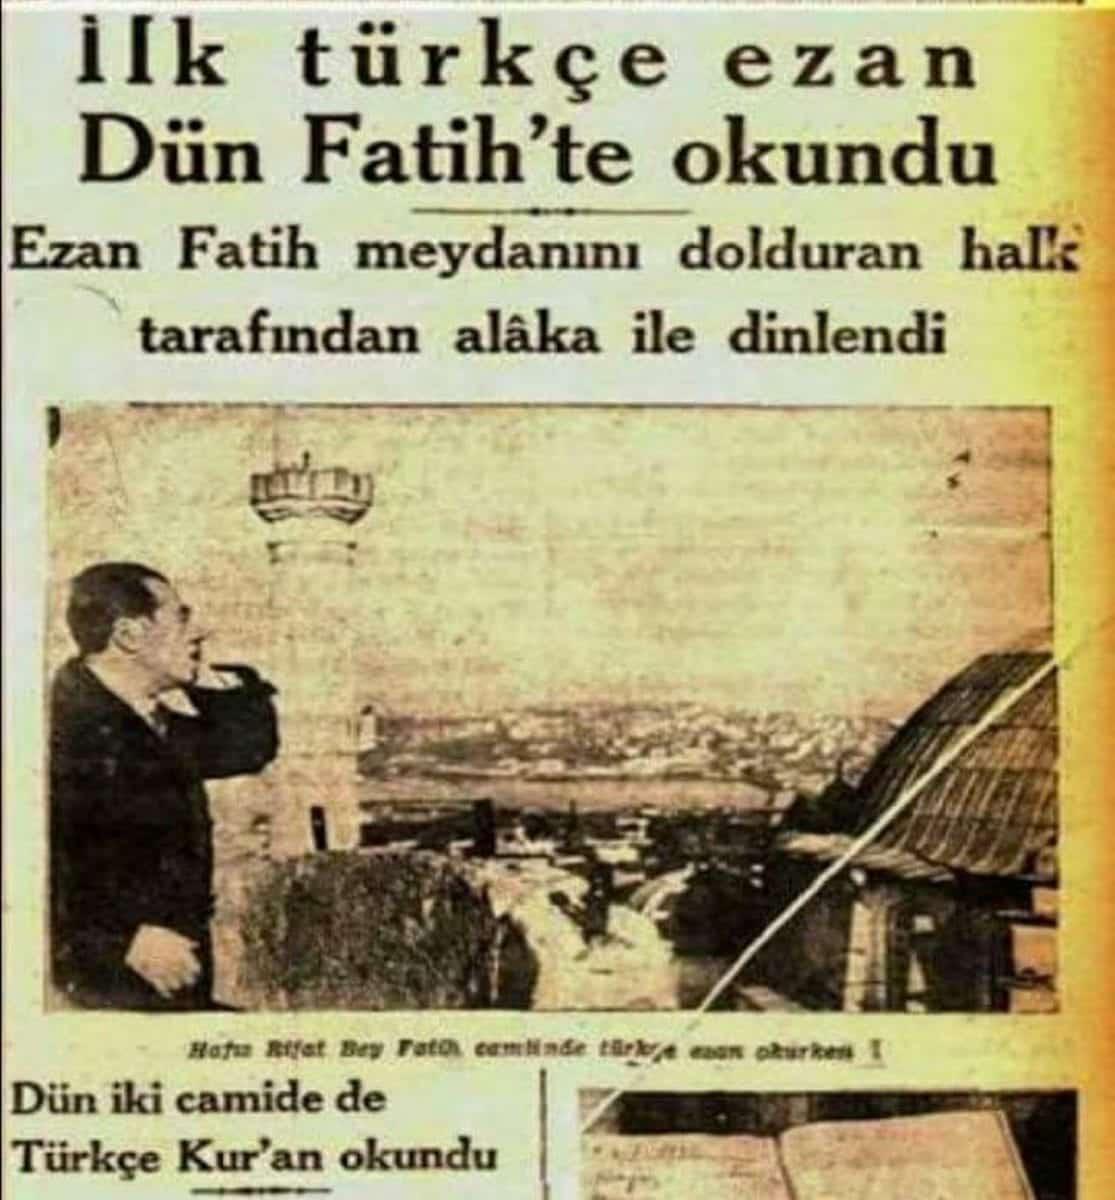 türkçe ezan ilk kez istanbul fatih'te okundu